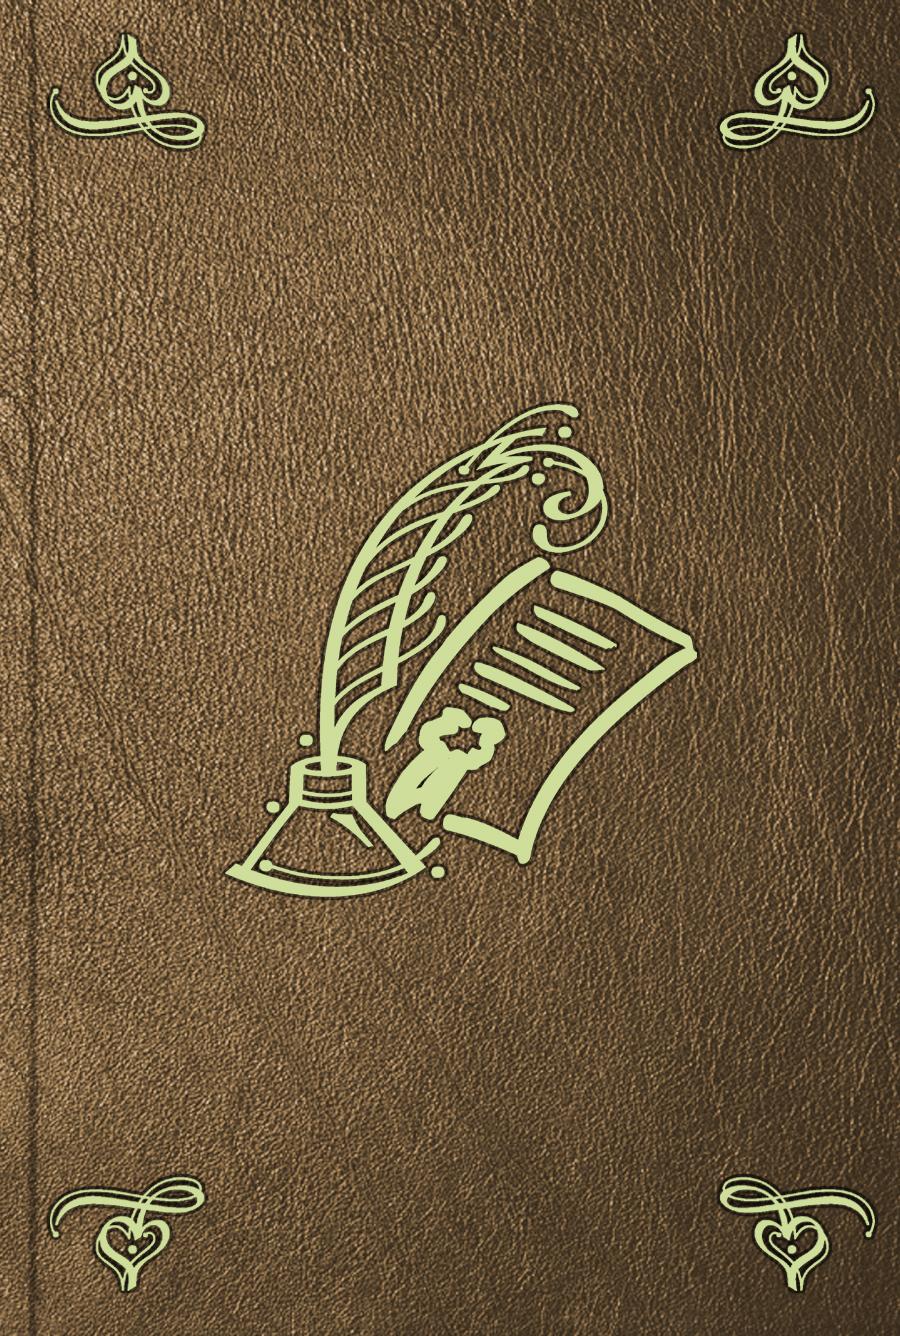 Капитон Бочарников Краткое описание российскаго торга yazilind 18k позолоченный полный белый кристаллический инкрустация краткое ожерелье цепочка подарок